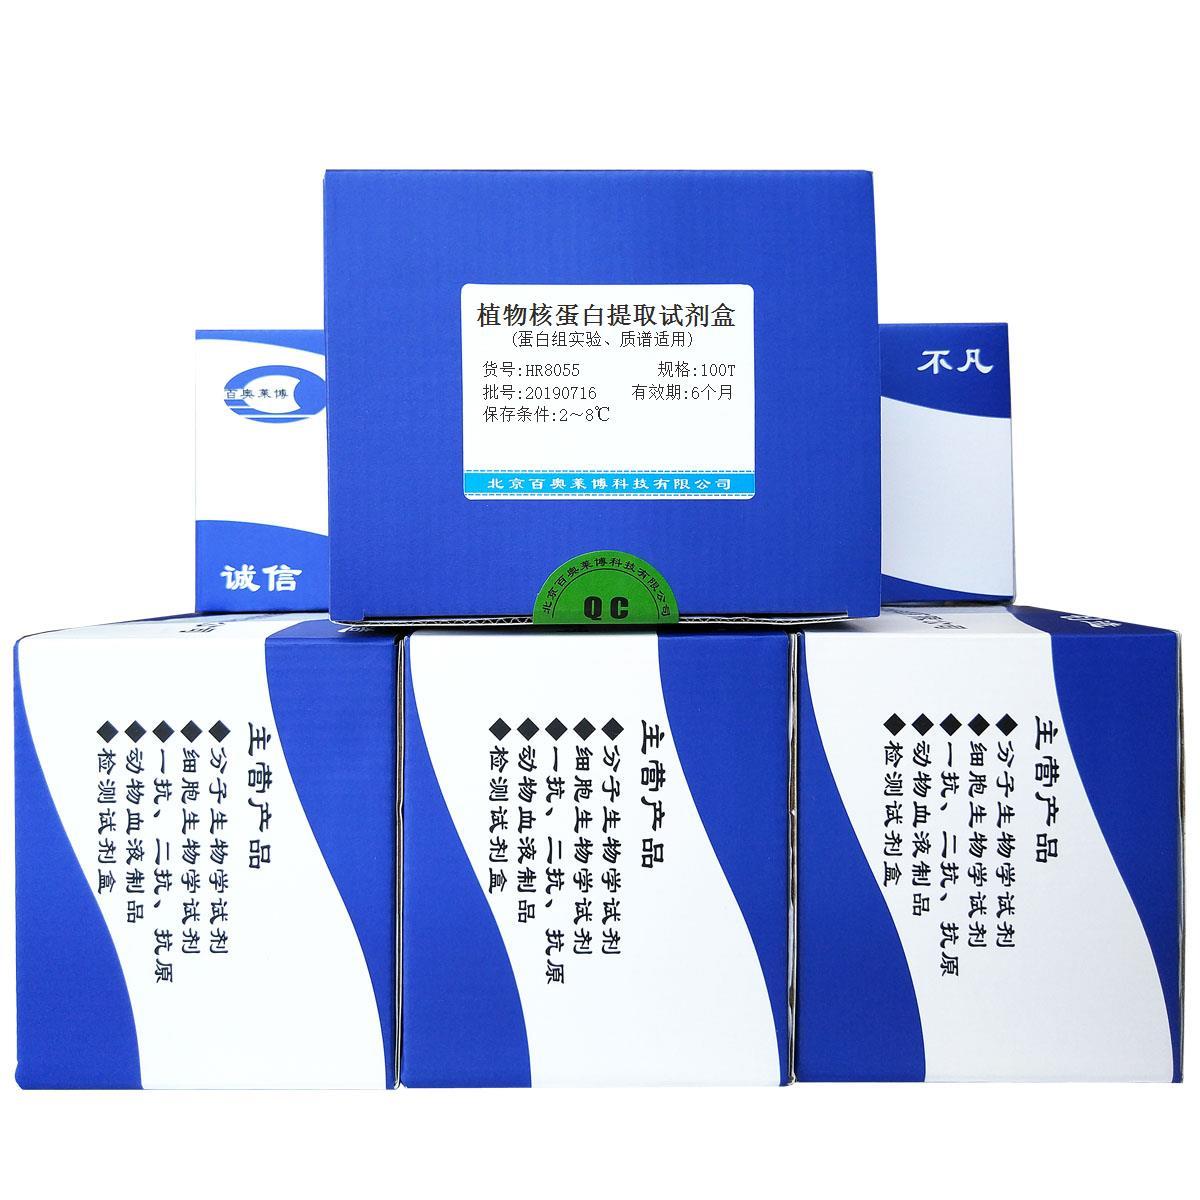 植物核蛋白提取试剂盒(蛋白组实验、质谱适用)